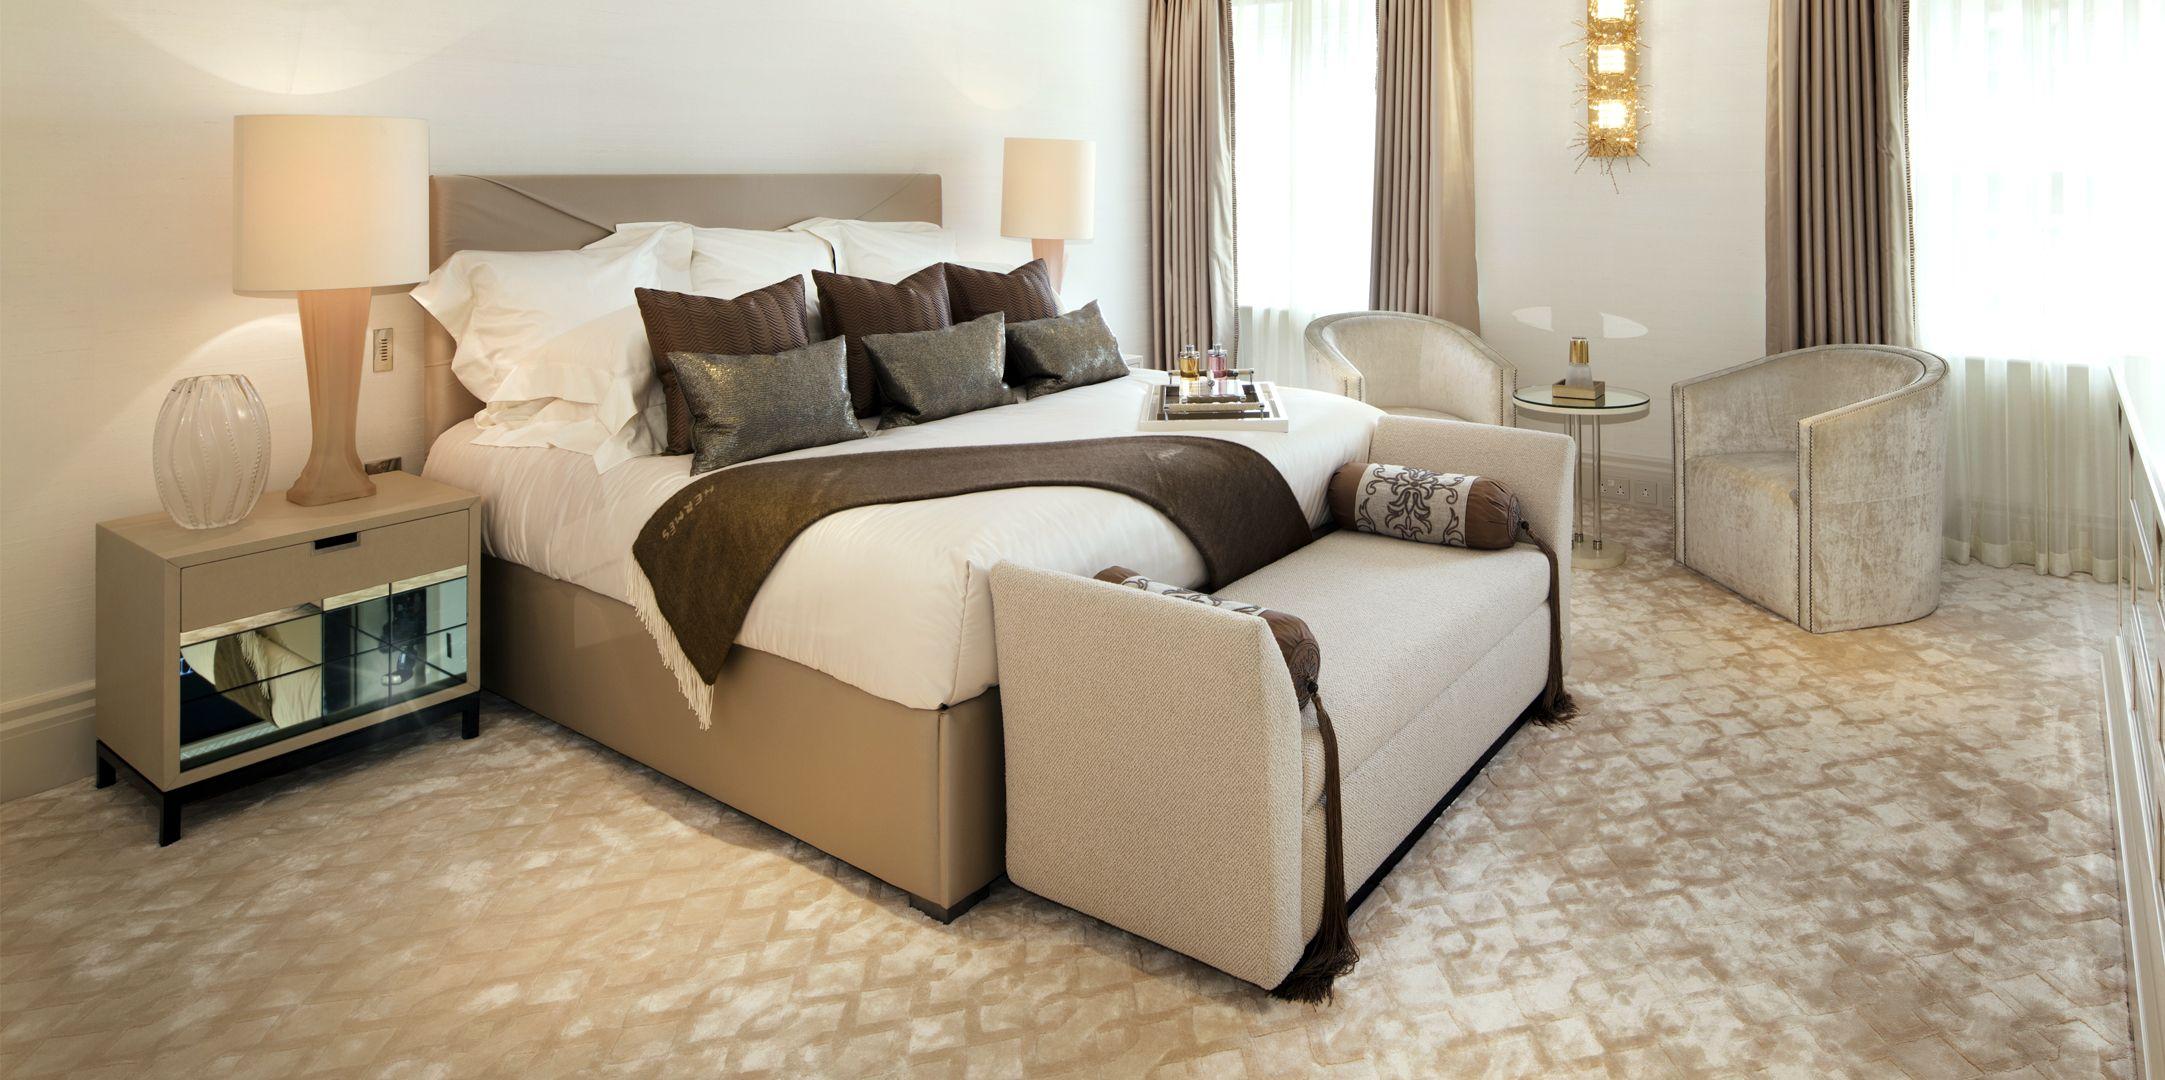 GUEST BEDROOM By Loomah Bespoke CArpets & Rugs